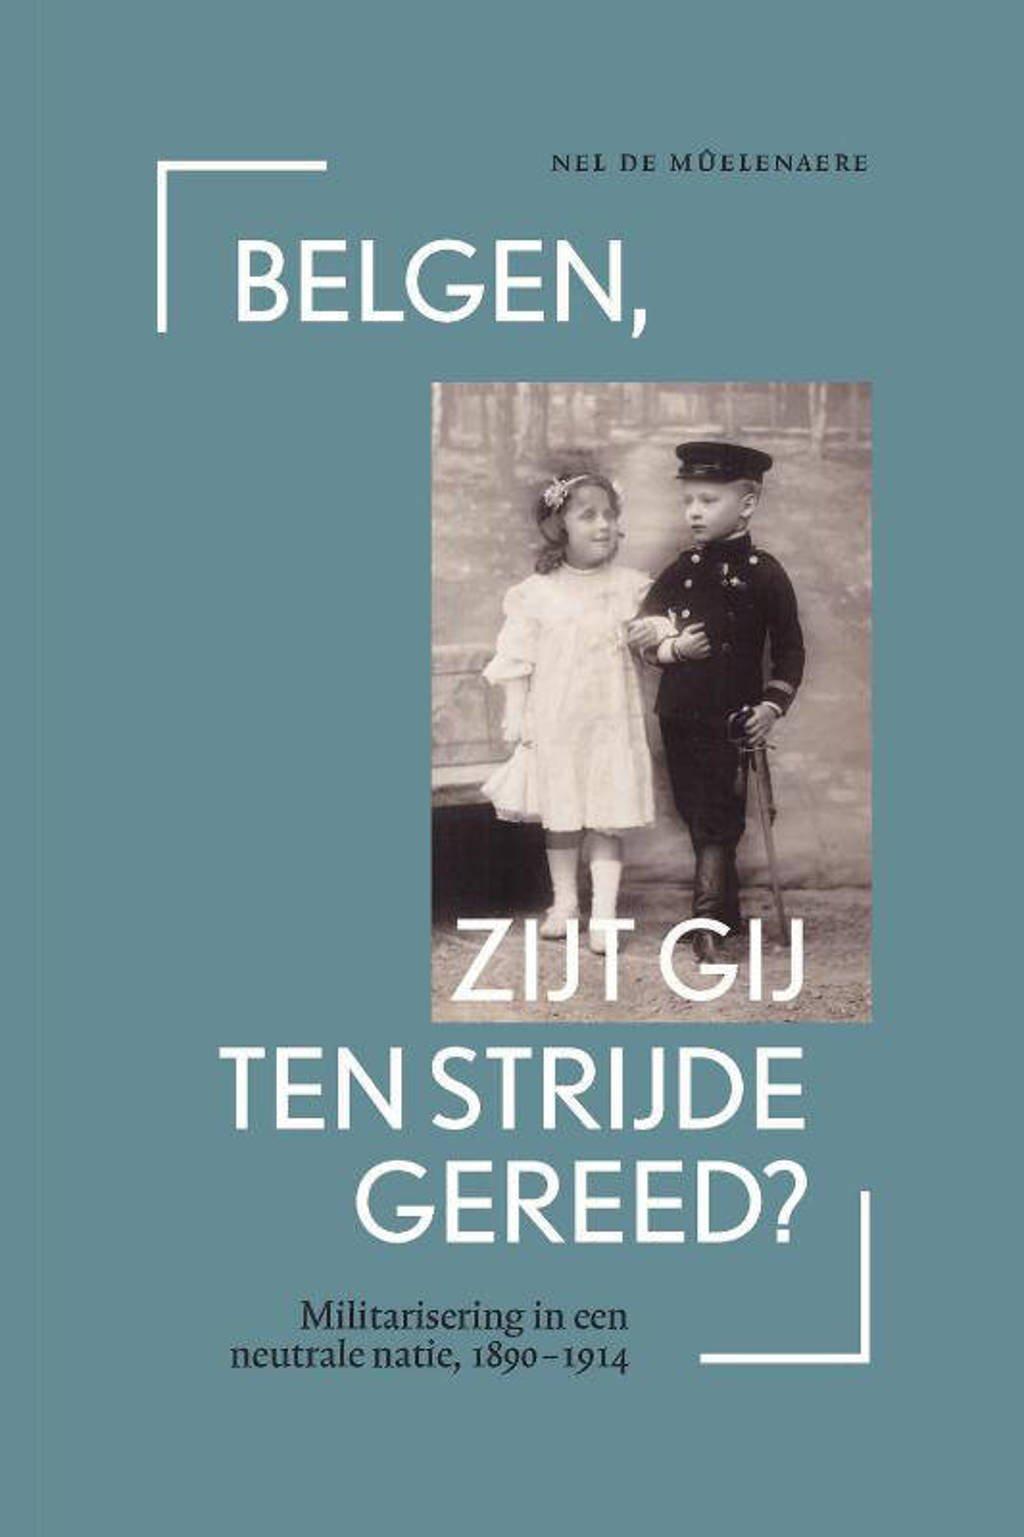 Belgen, zijt gij ten strijde gereed? - Nel De Mûelenaere